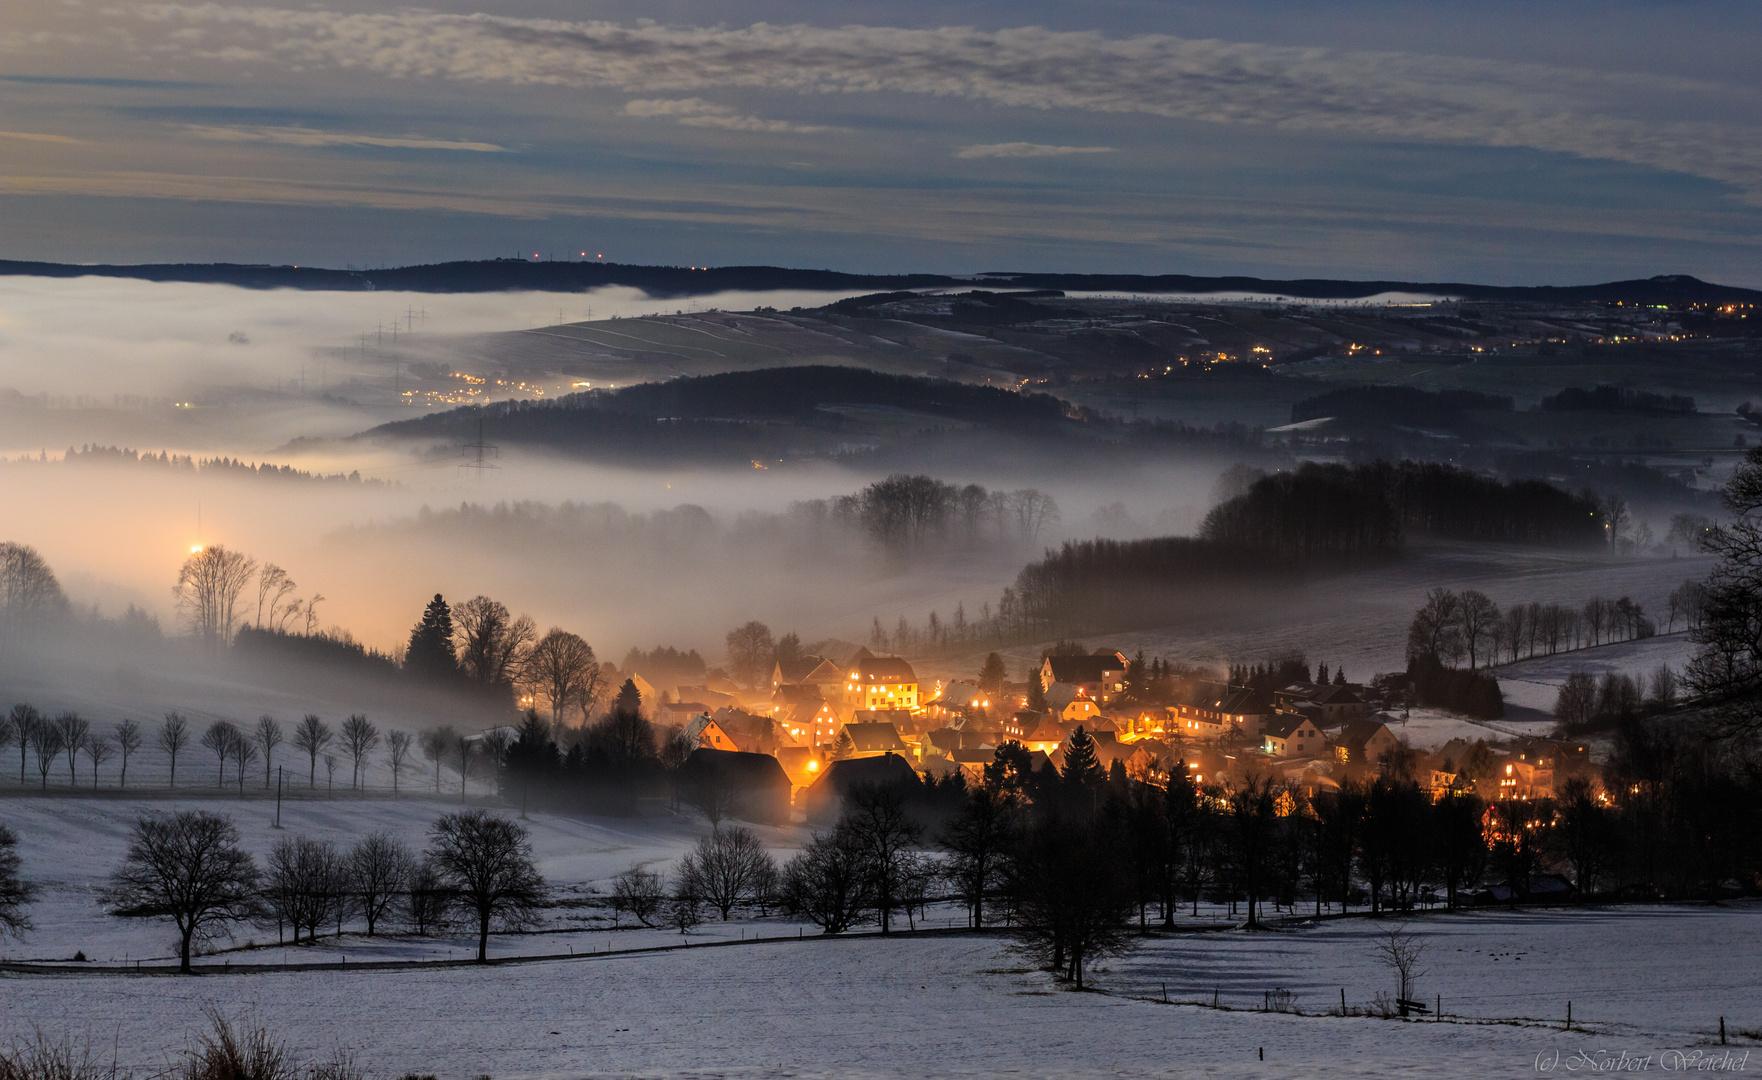 Erzgebirgisches Dorf umgeben vom Nebel